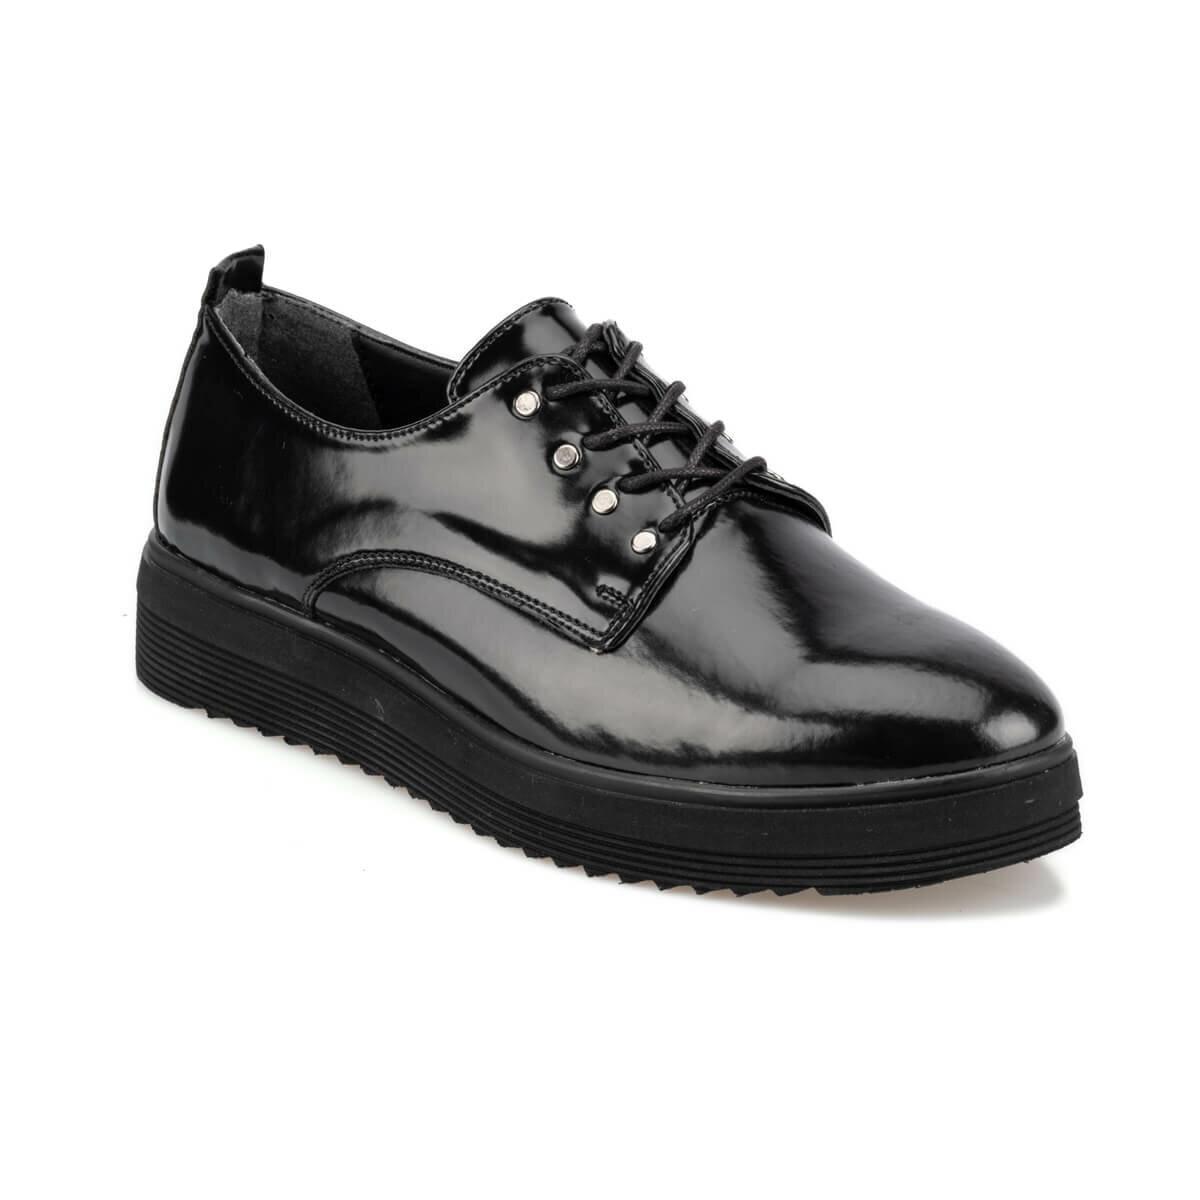 FLO 92.314165RZ Black Women Oxford Shoes Polaris